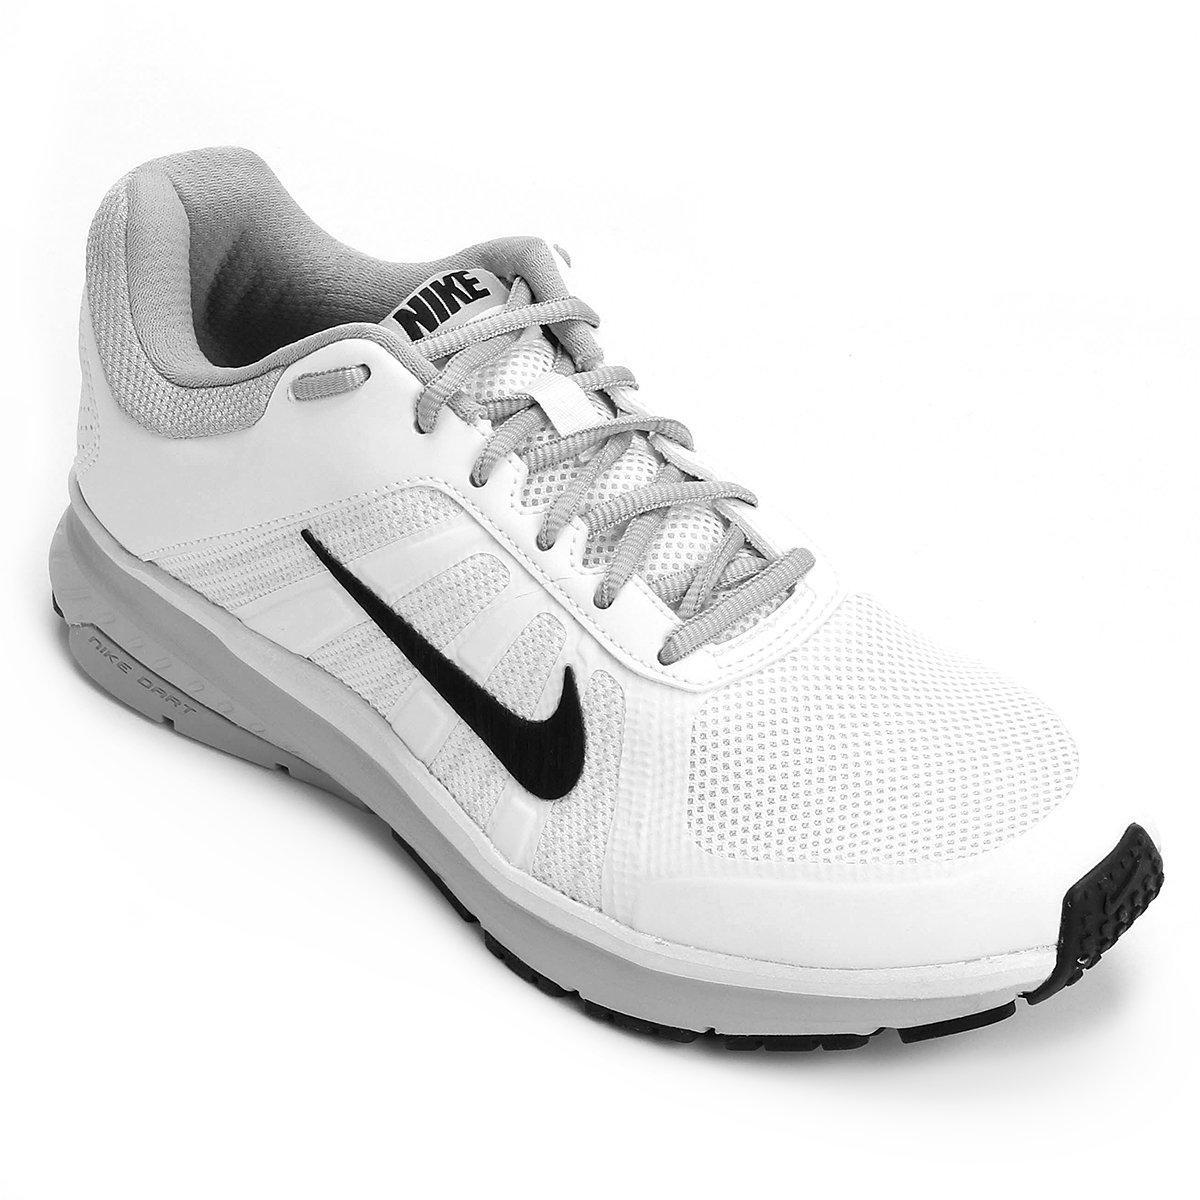 Tênis Nike Dart 12 MSL Masculino - Branco e Preto - Compre Agora ... 53c102cd2fad3